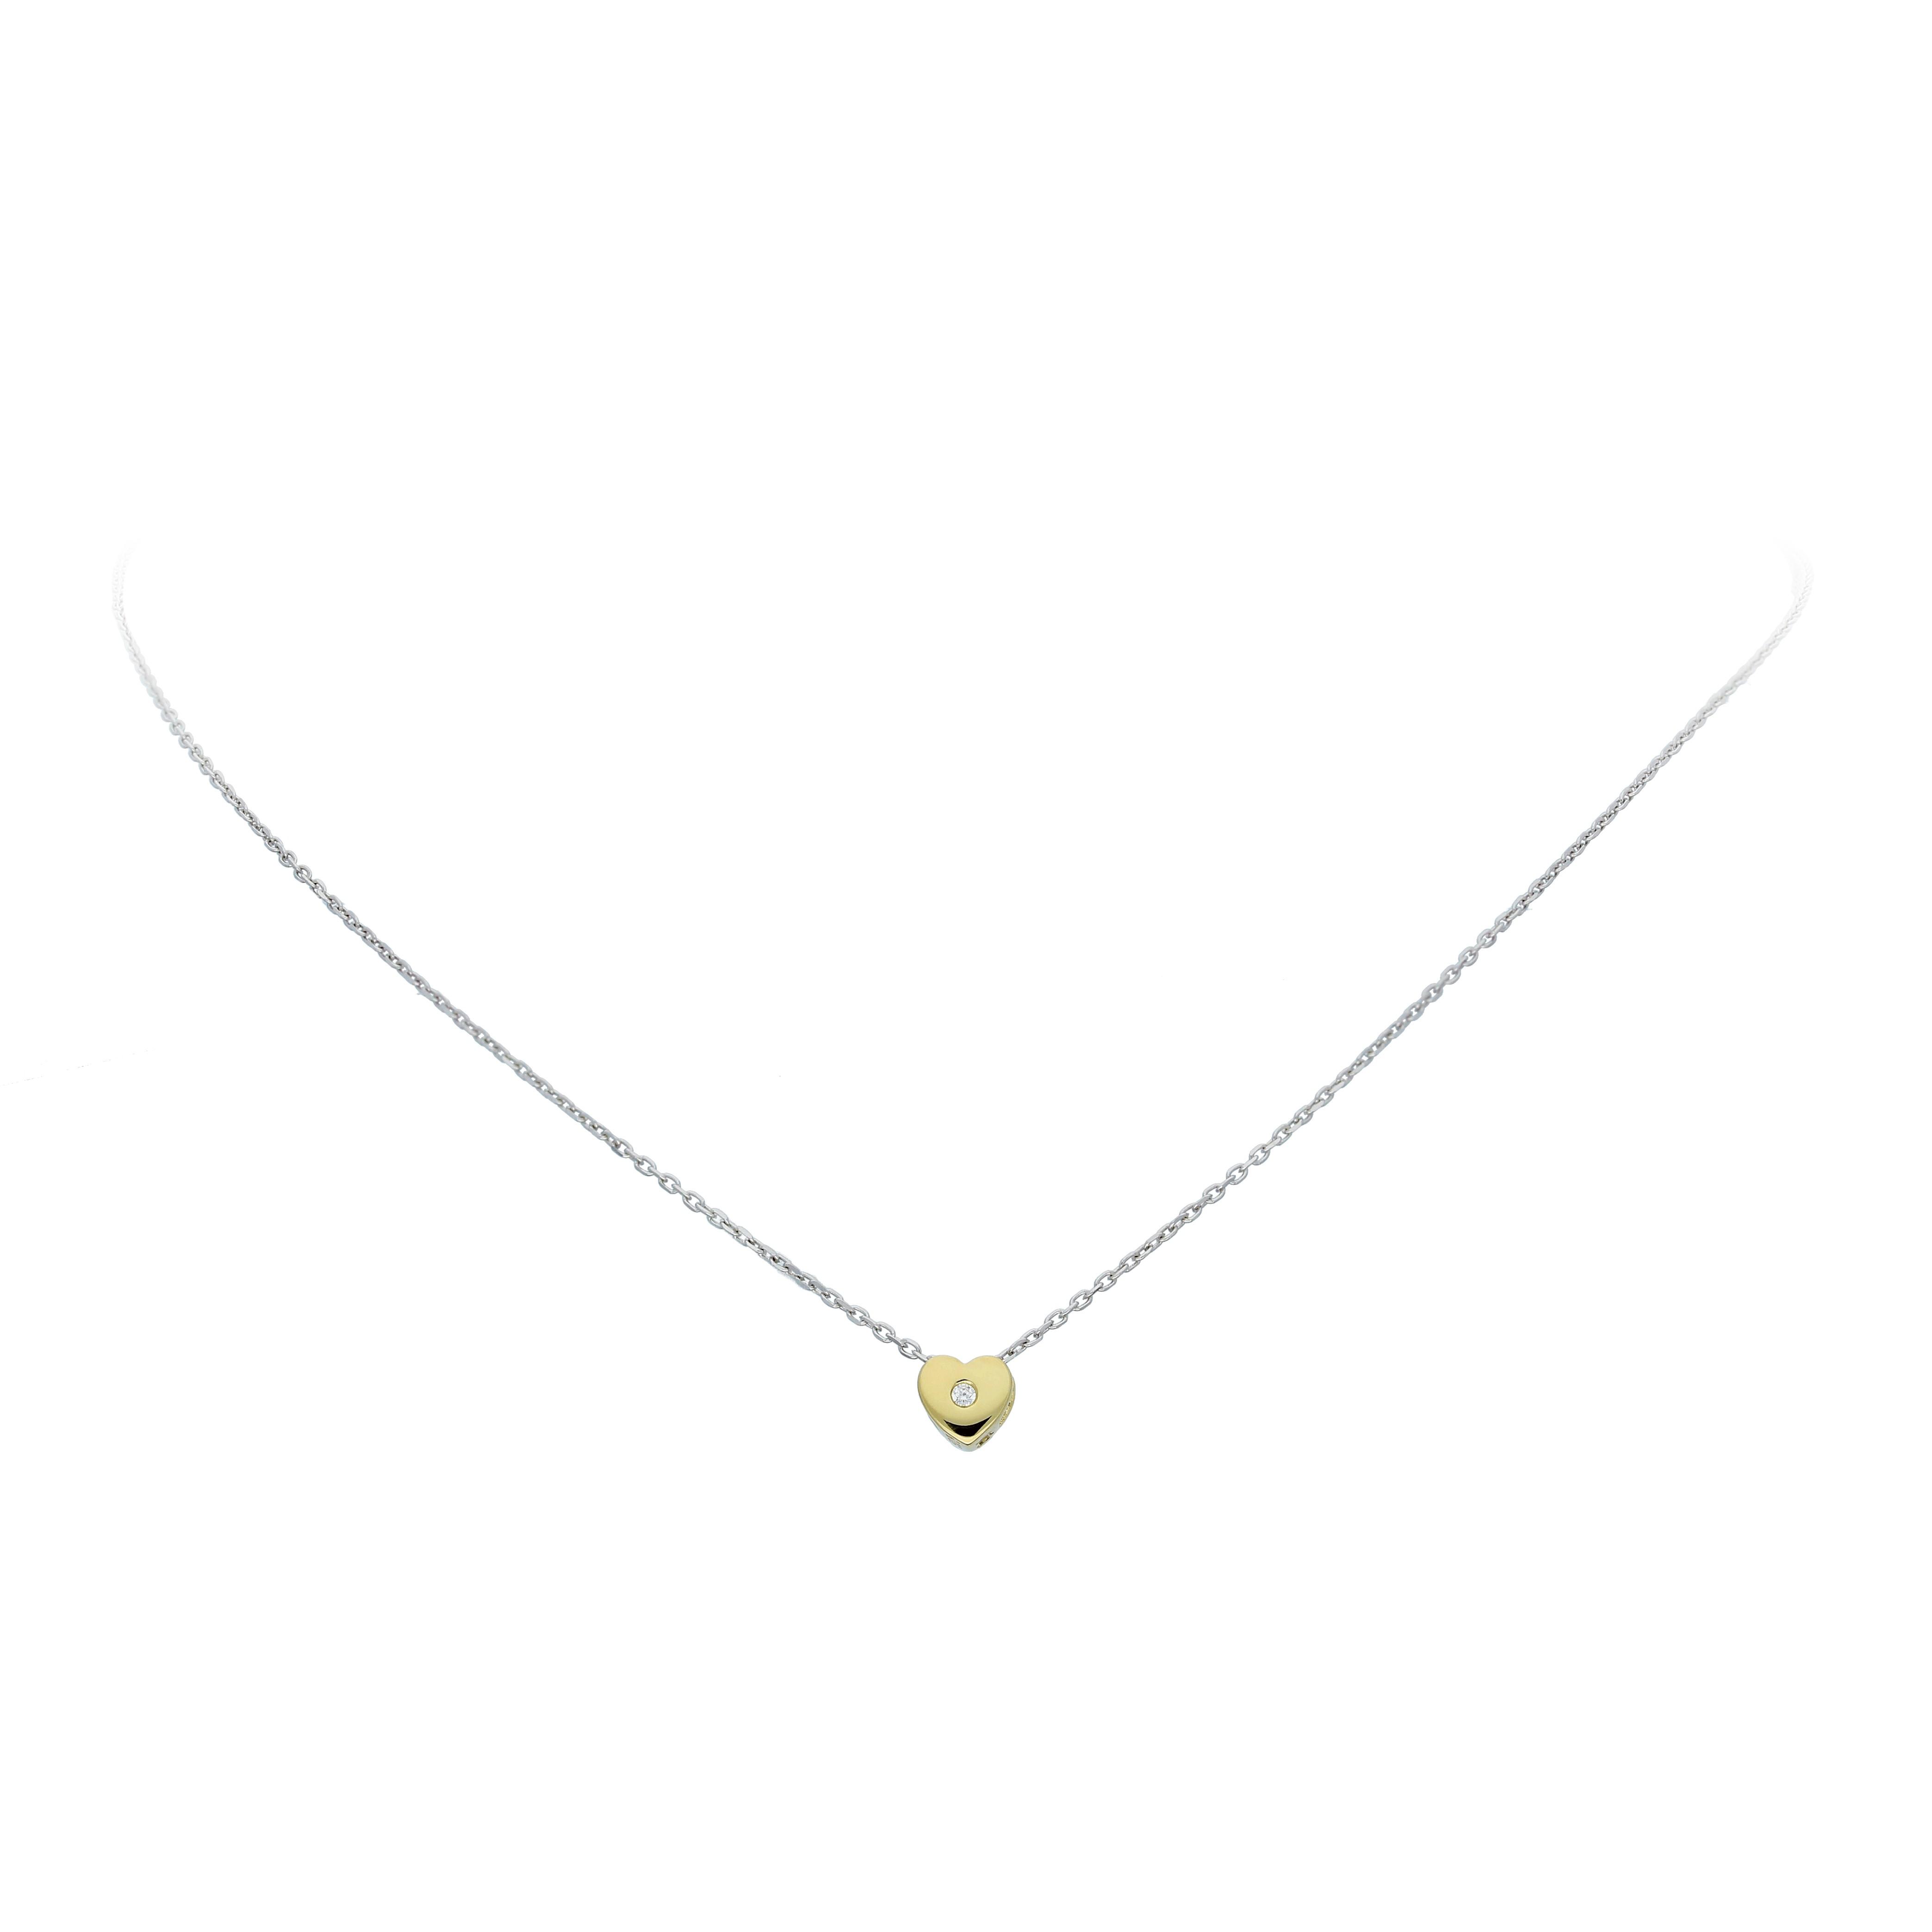 Glow Gouden Collier Met Hanger - 42 Cm Hart Zirkonia Ankerschakel 202.5019.42